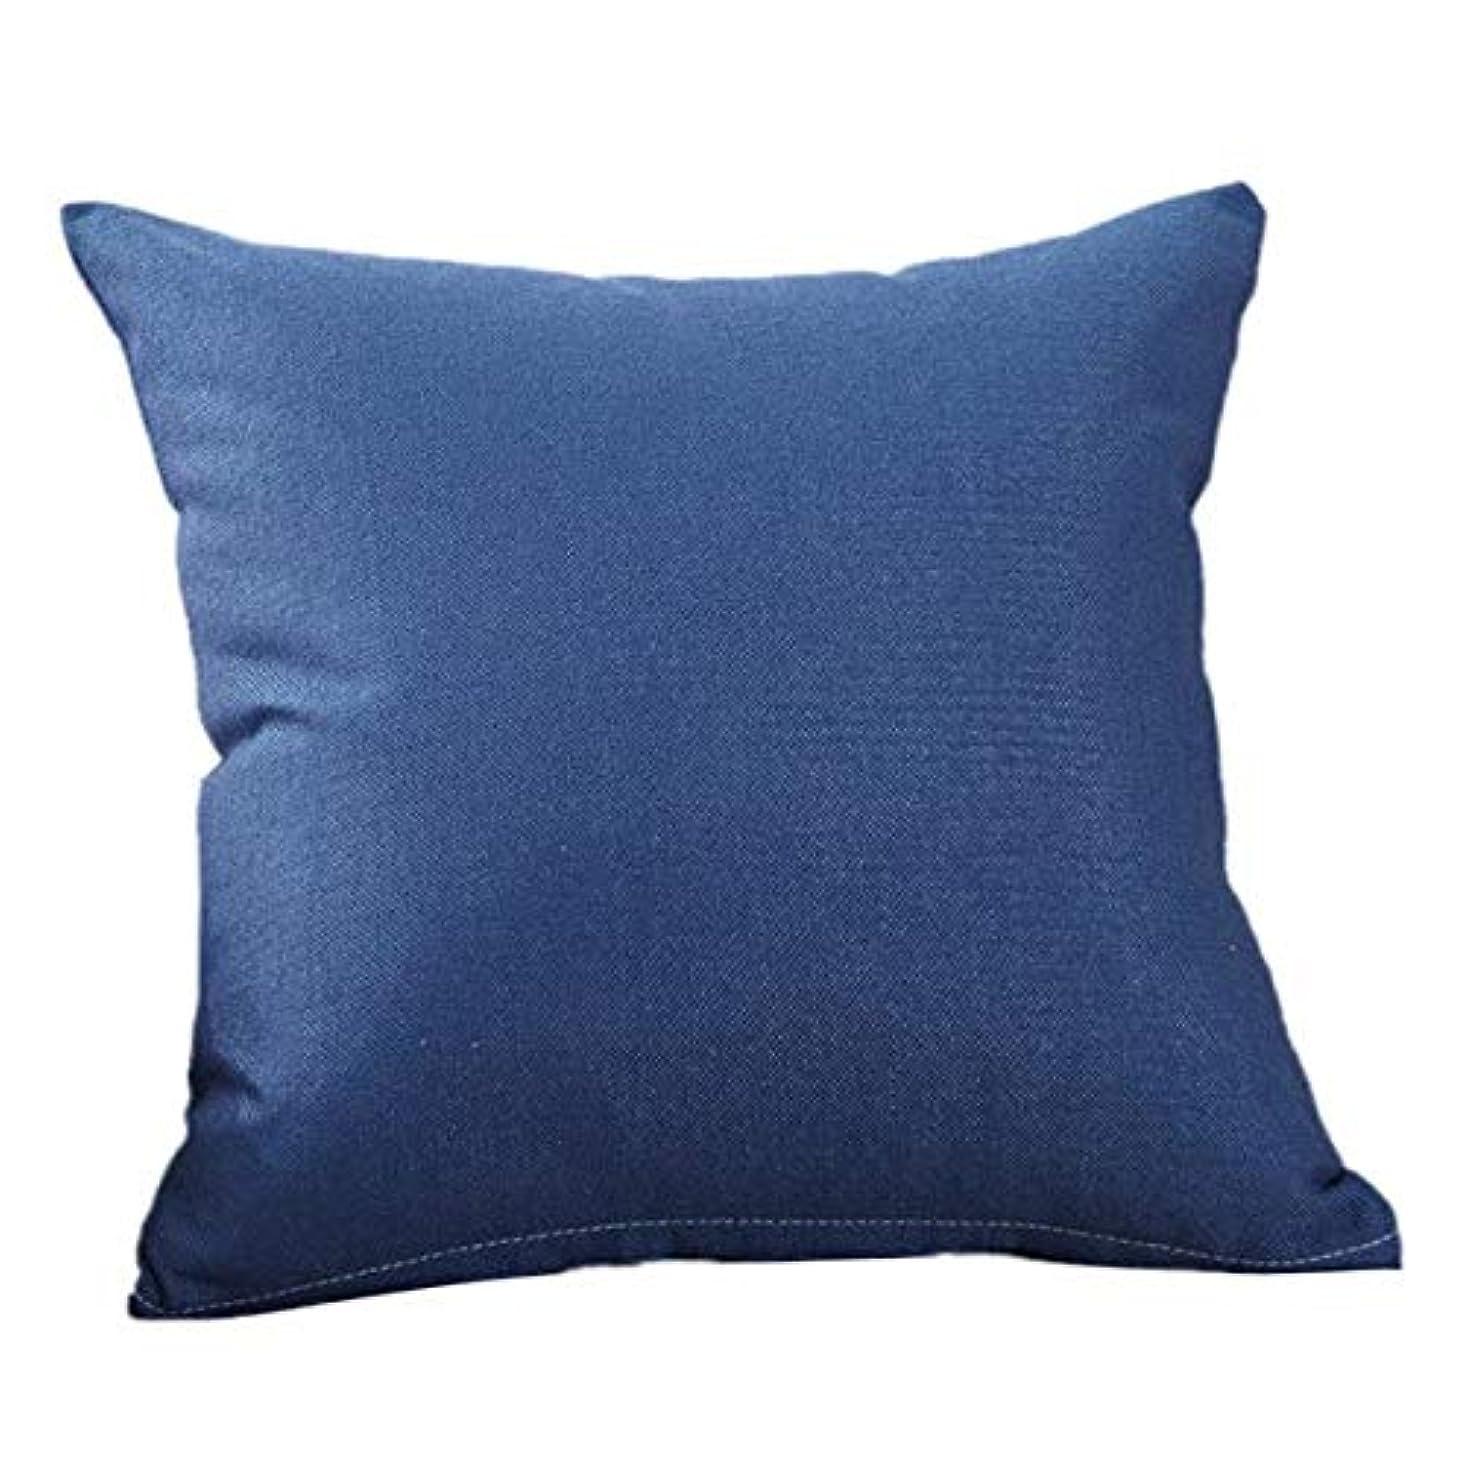 ジェスチャーパッチ受け継ぐLIFE クリエイティブシンプルなファッションスロー枕クッションカフェソファクッションのホームインテリア z0403# G20 クッション 椅子